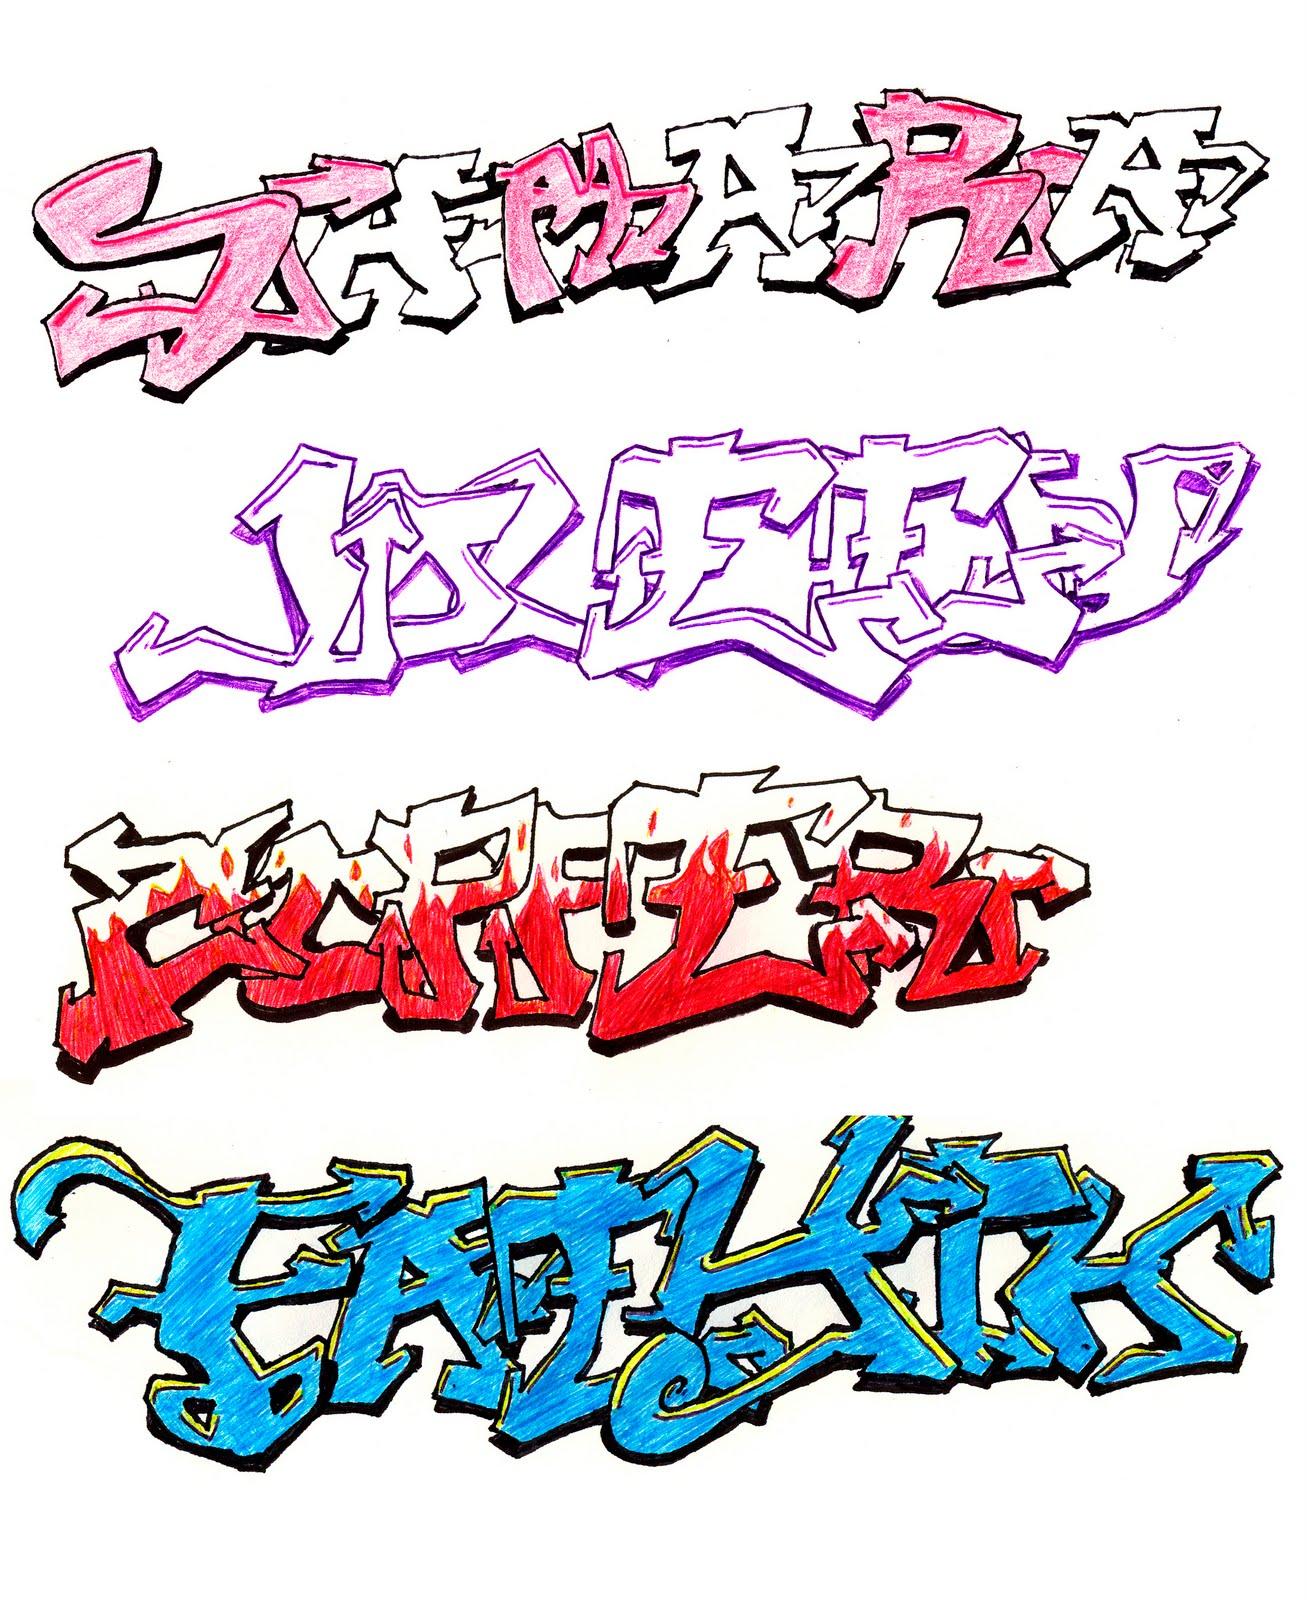 Graffiti_Names_5.jpg